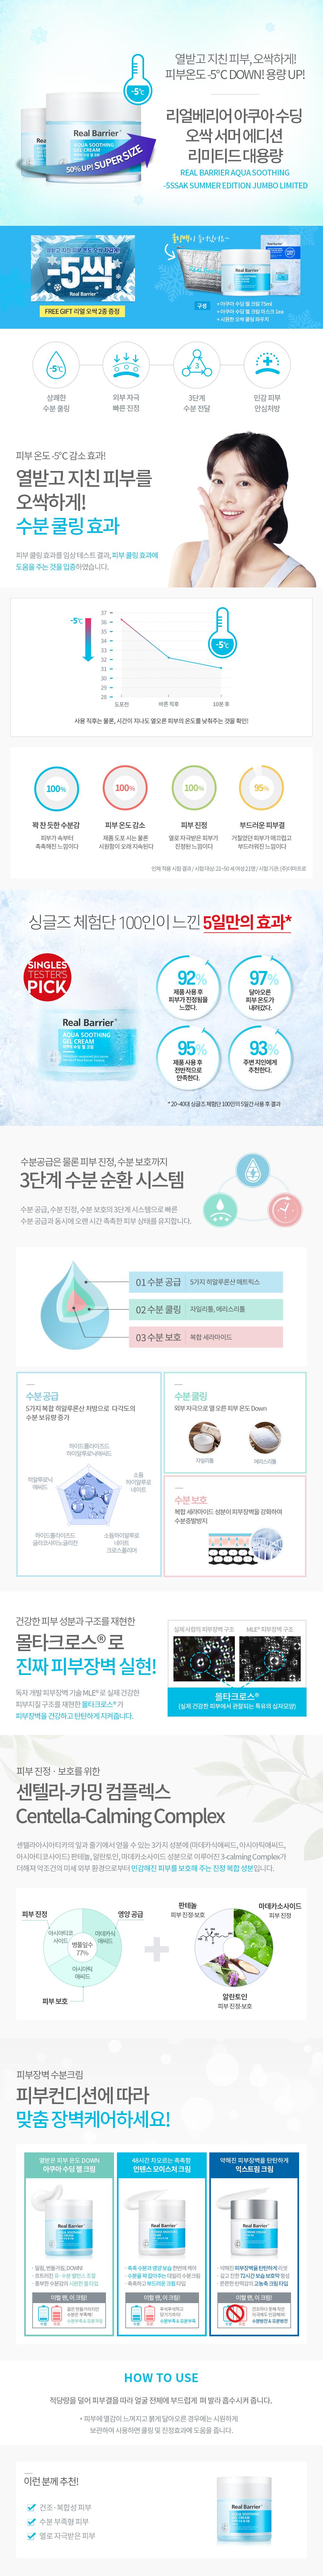 리얼베리어 아쿠아 수딩 오싹 서머 에디션 리미티드 대용량